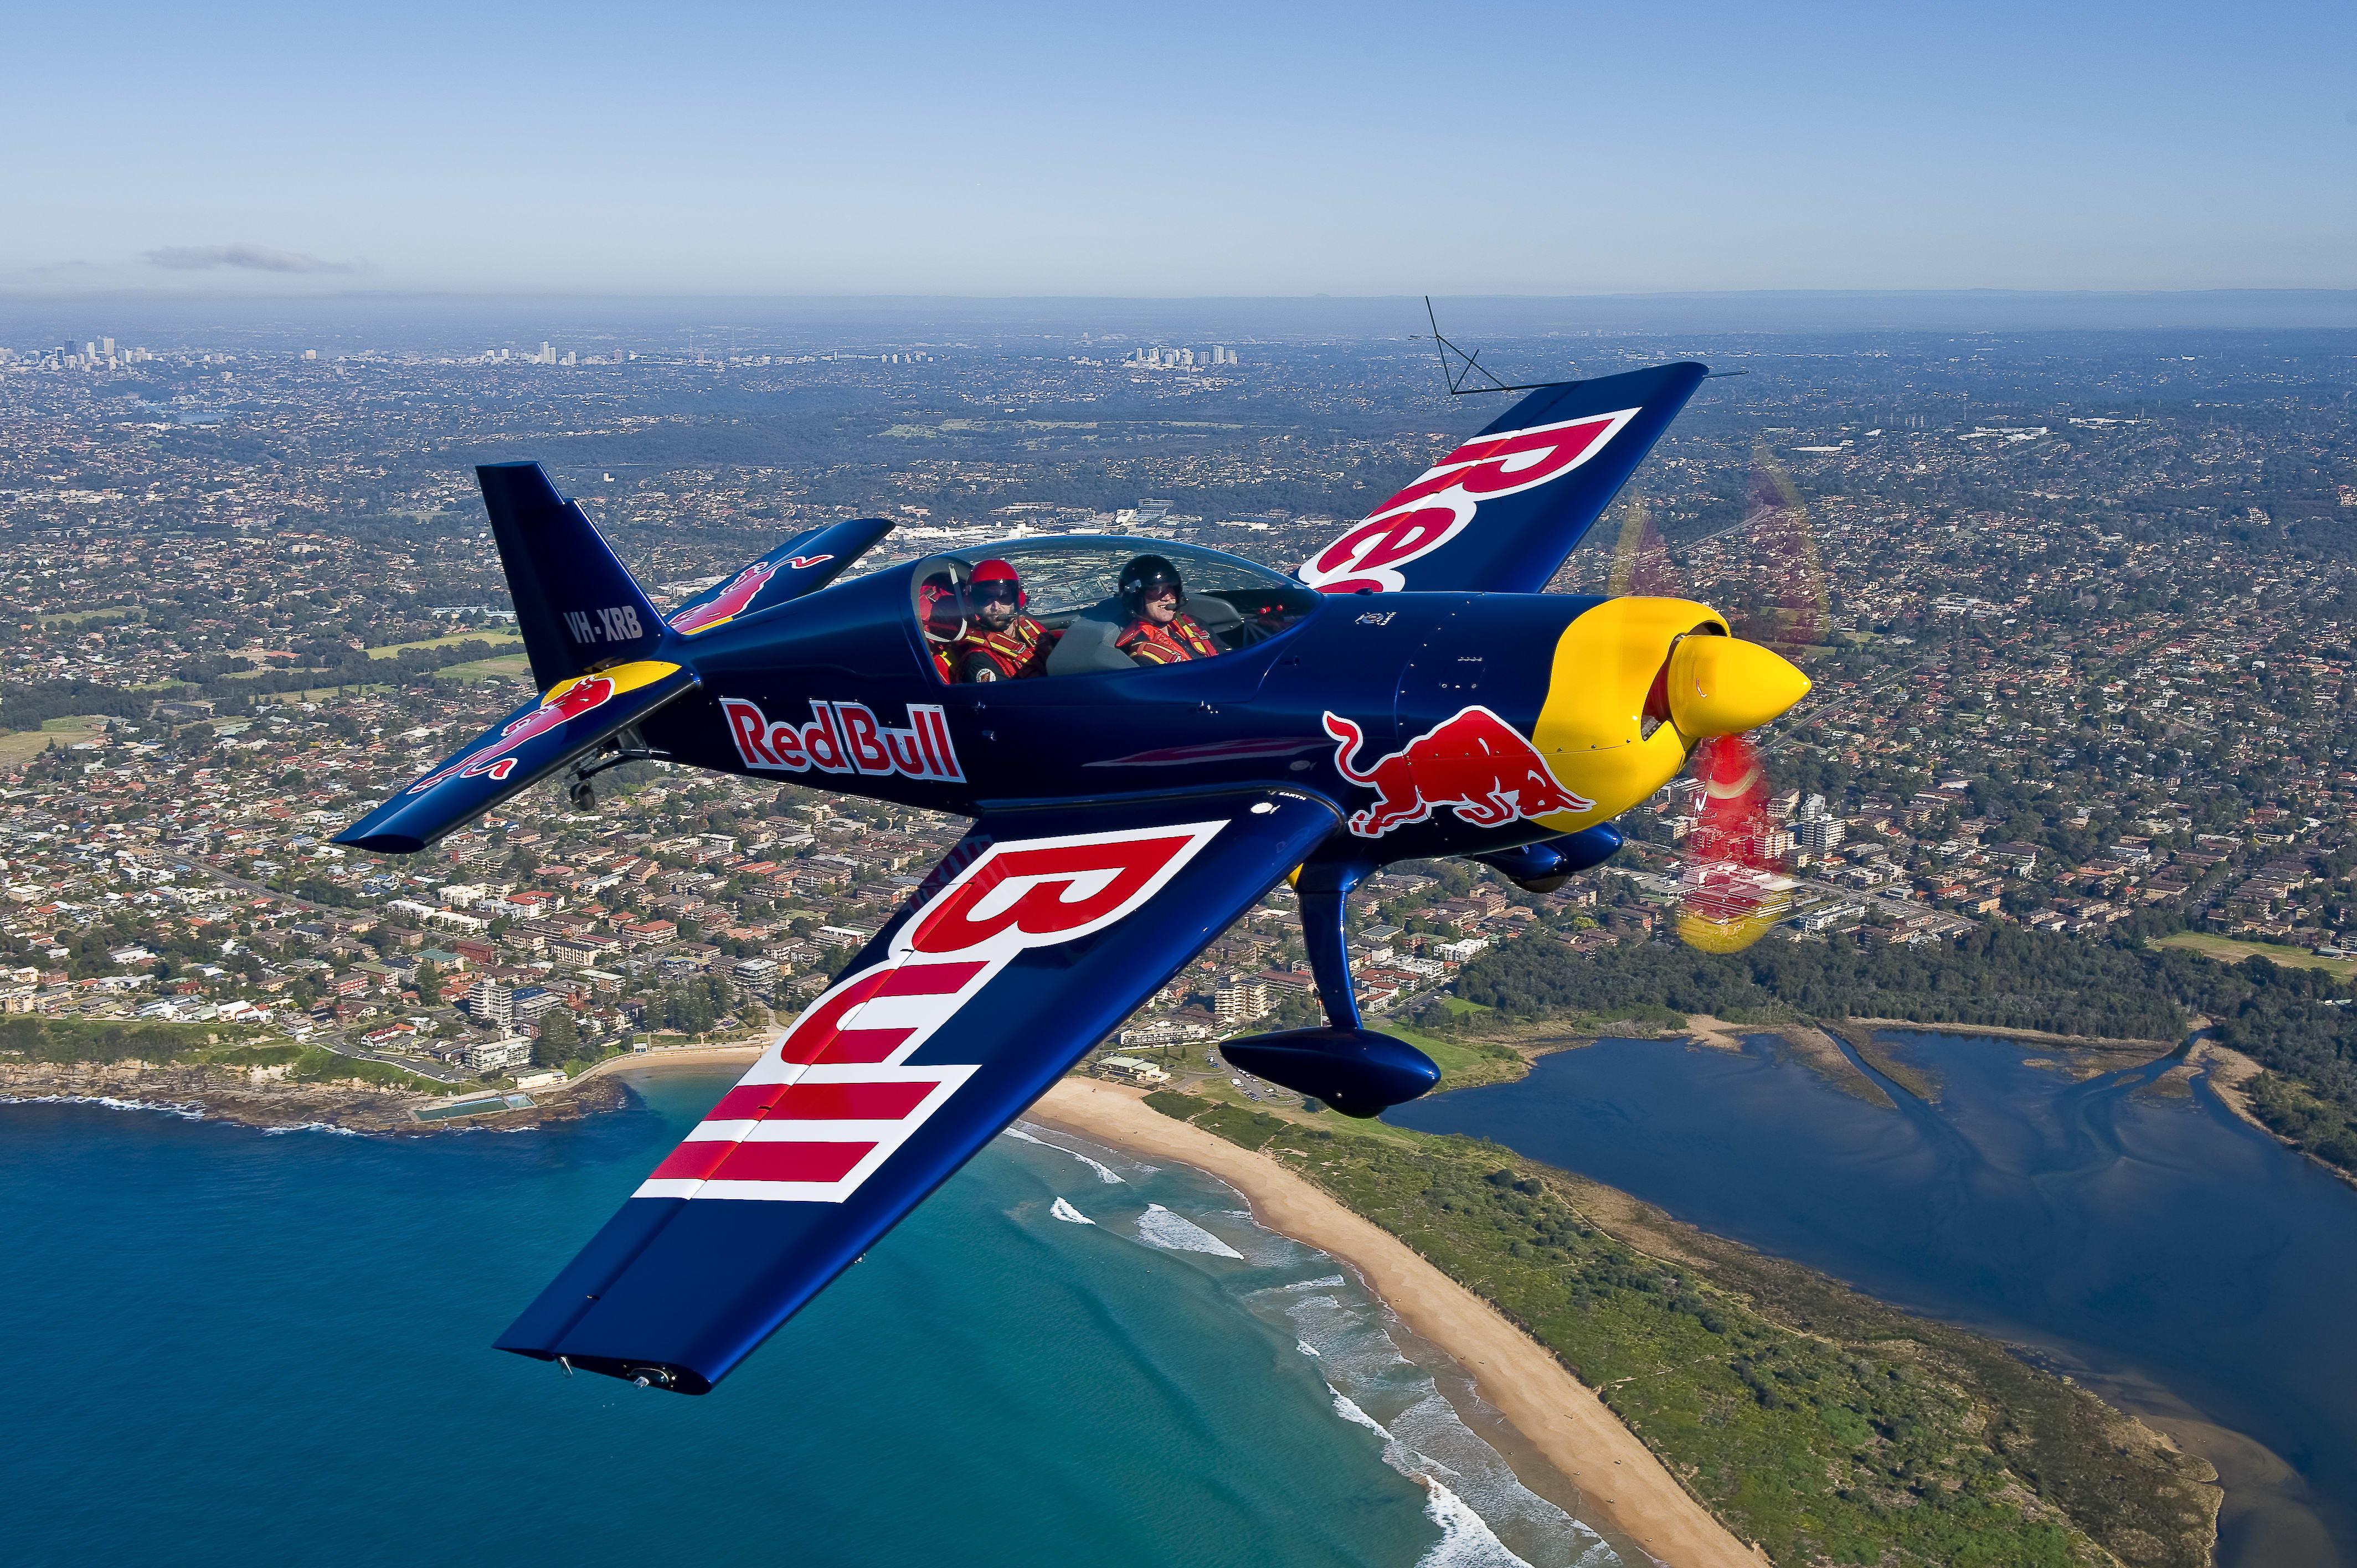 Aerobatic Flight & 15,000ft Beach Skydive Combo - Wollongong